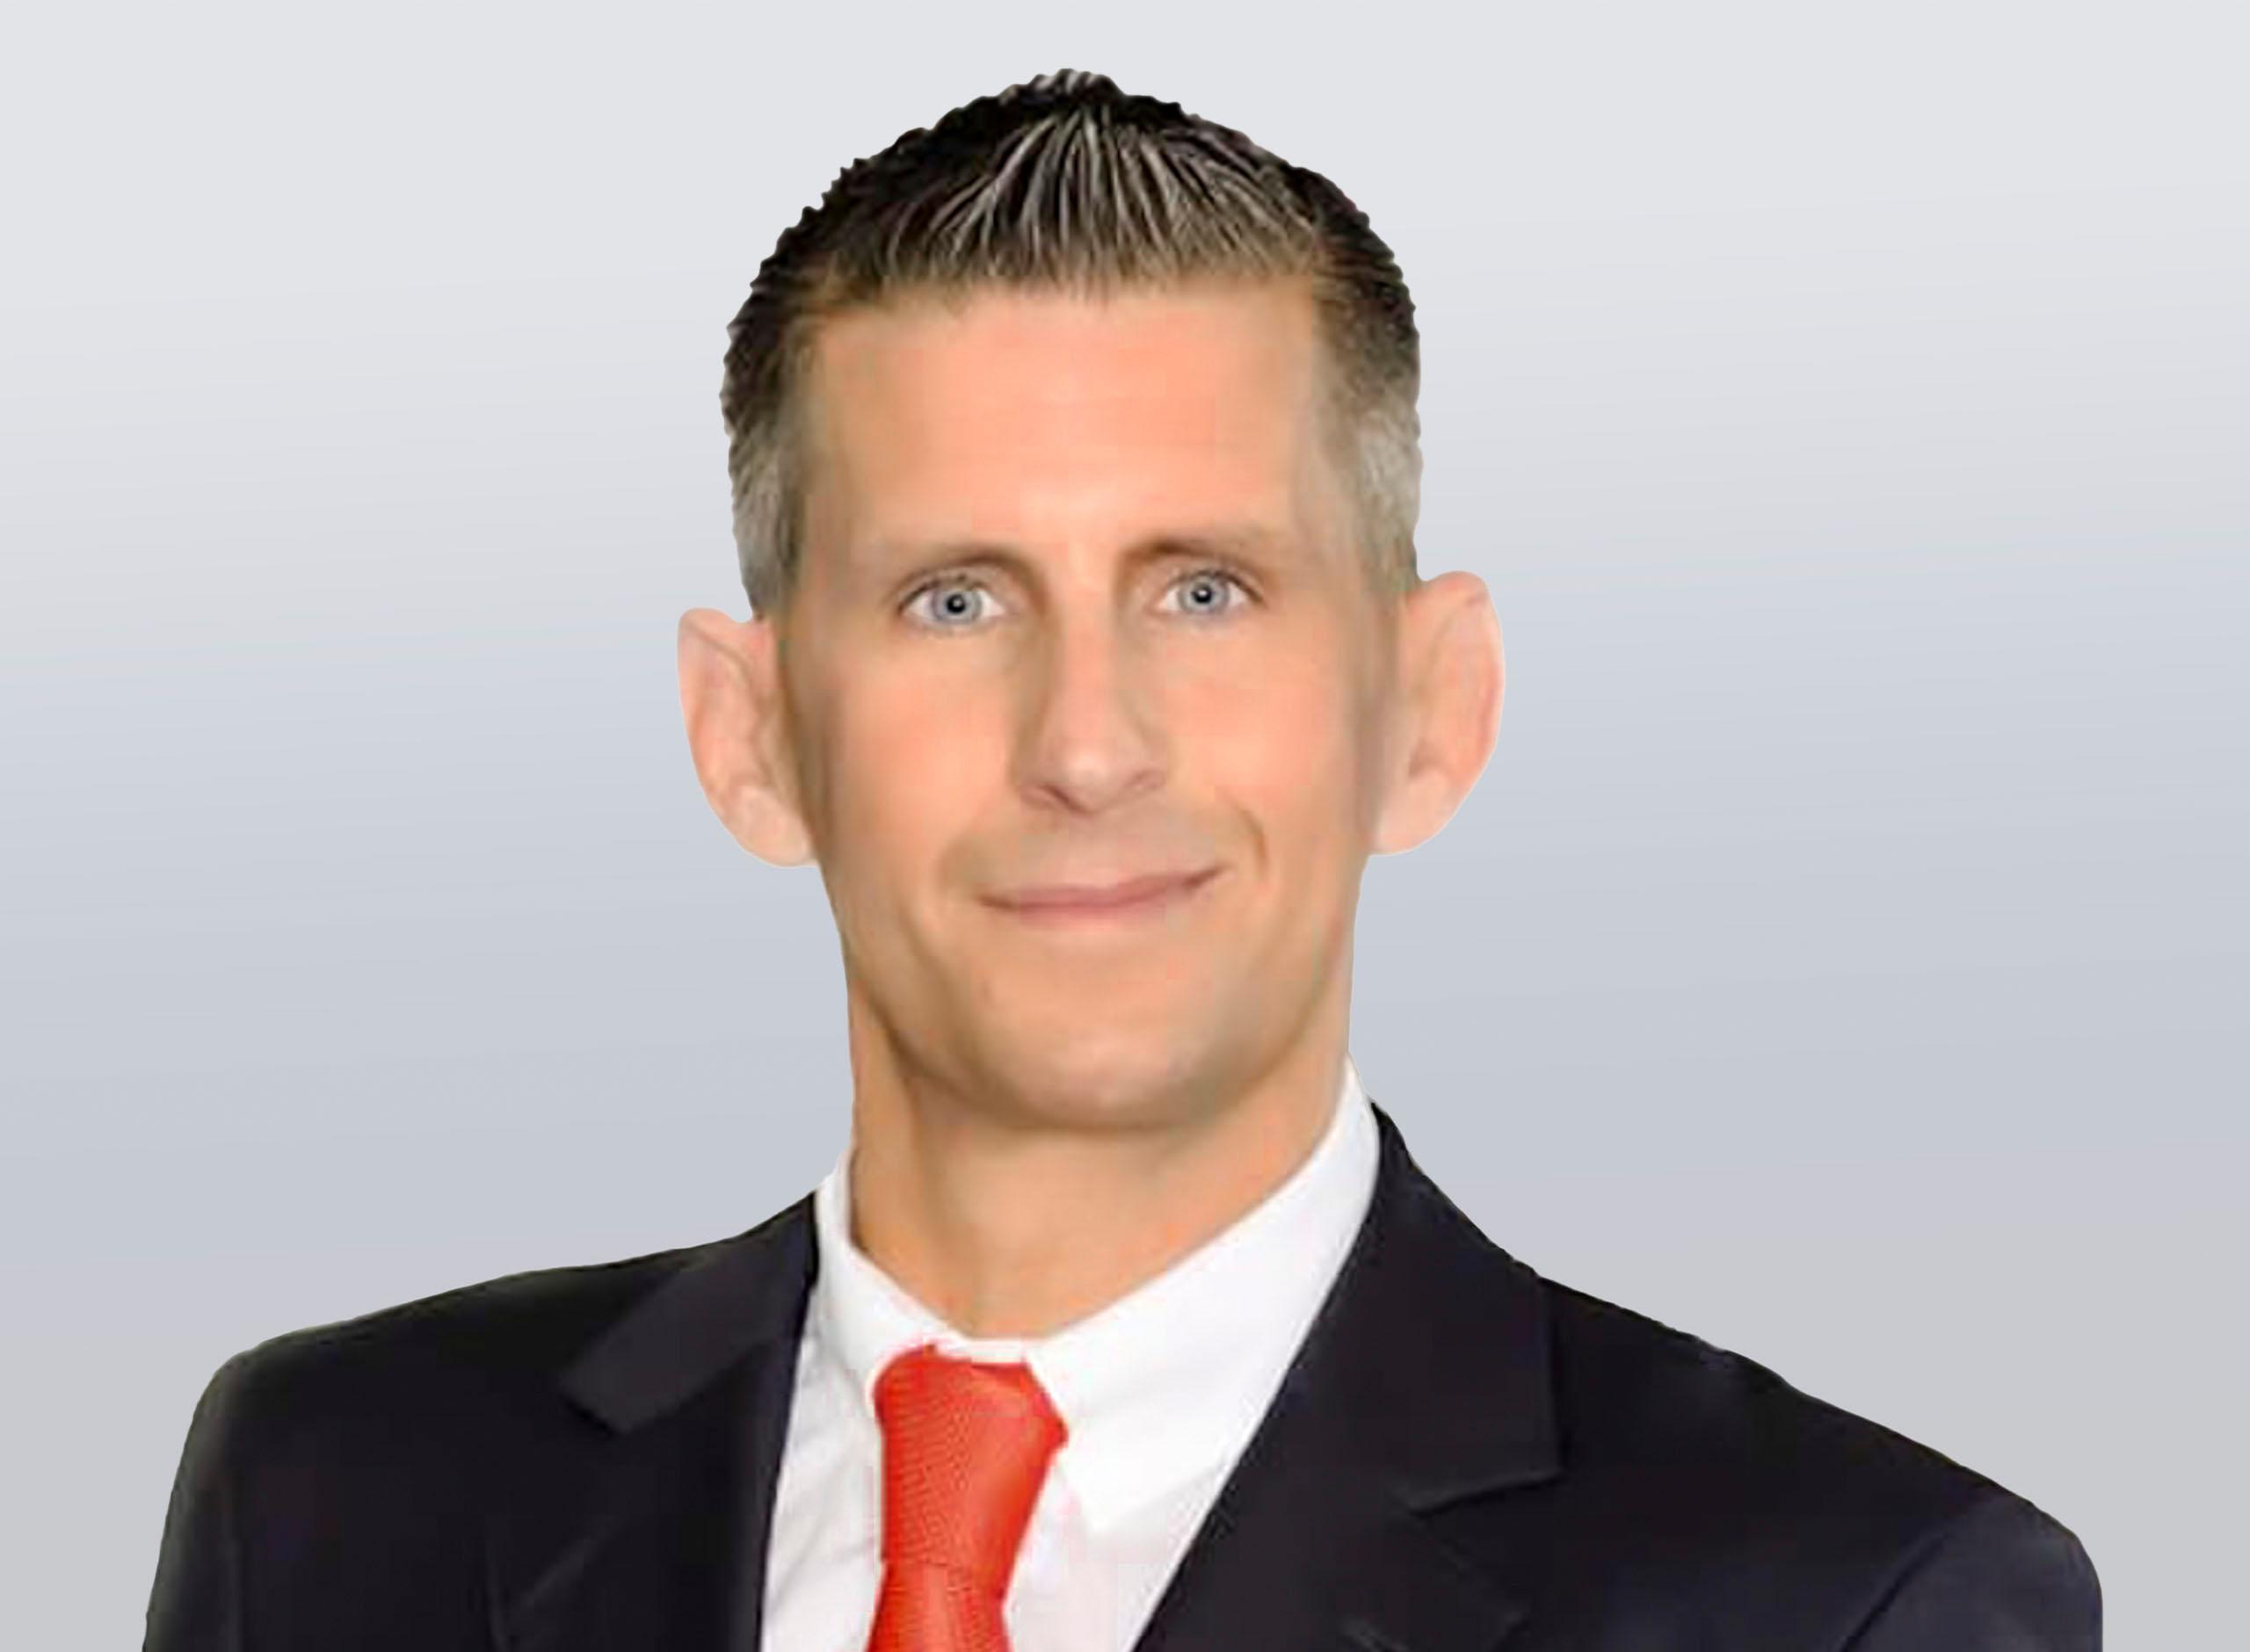 Christian Pleschak